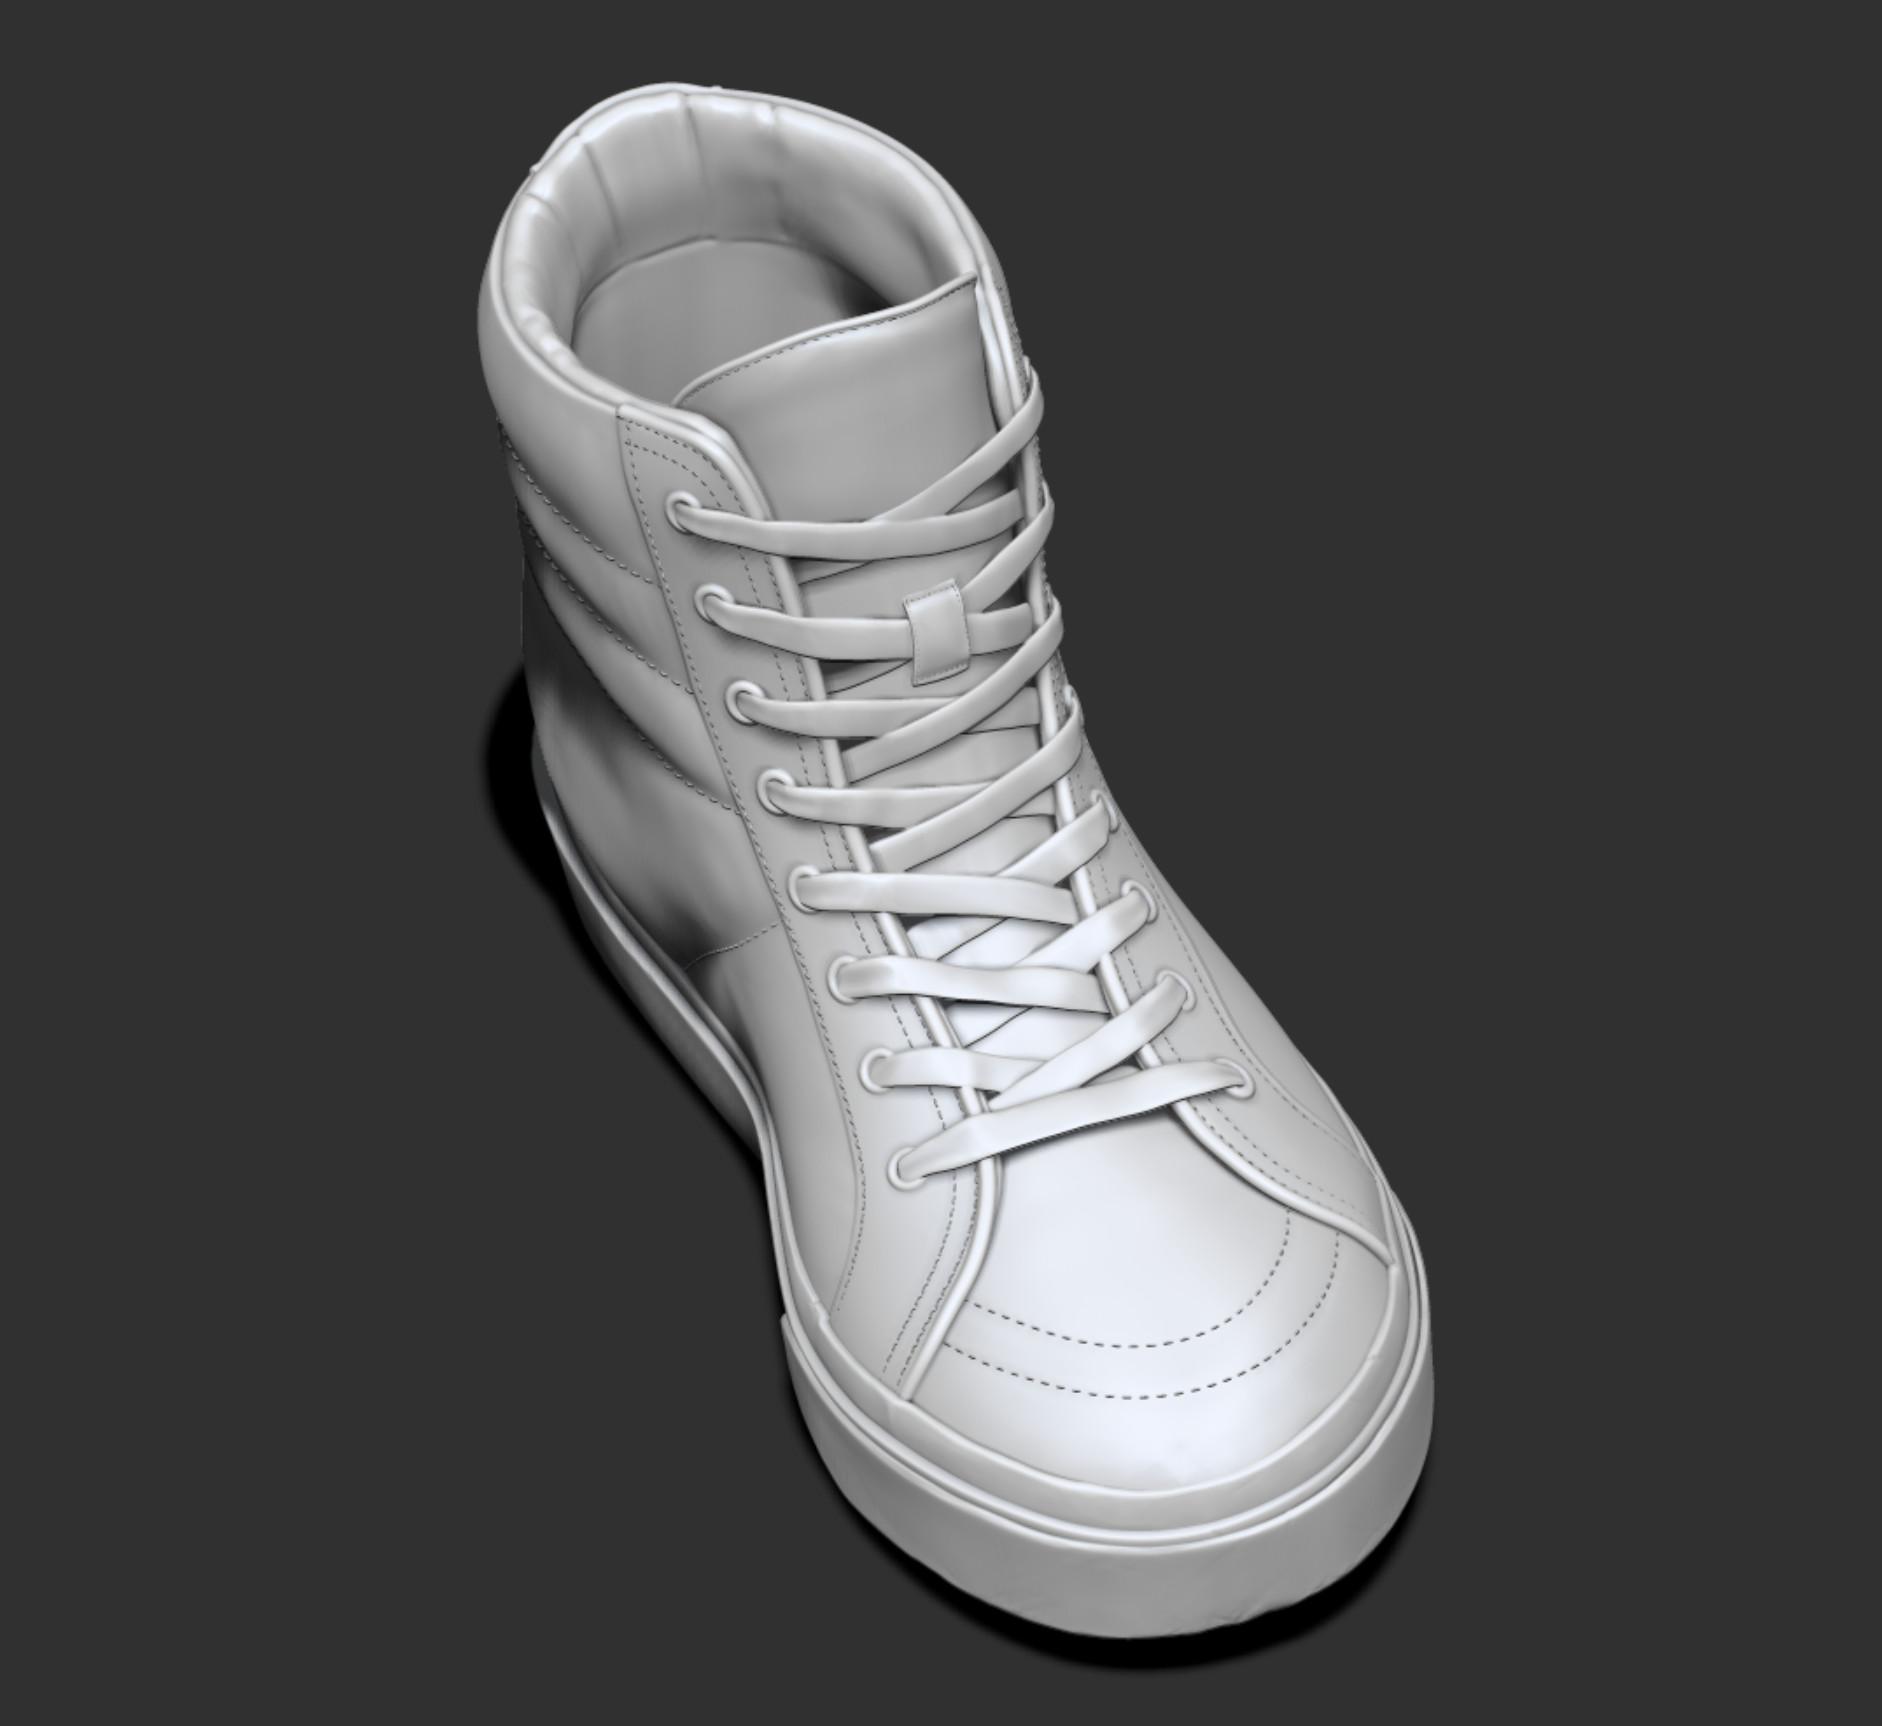 Liz edwards shoes 02